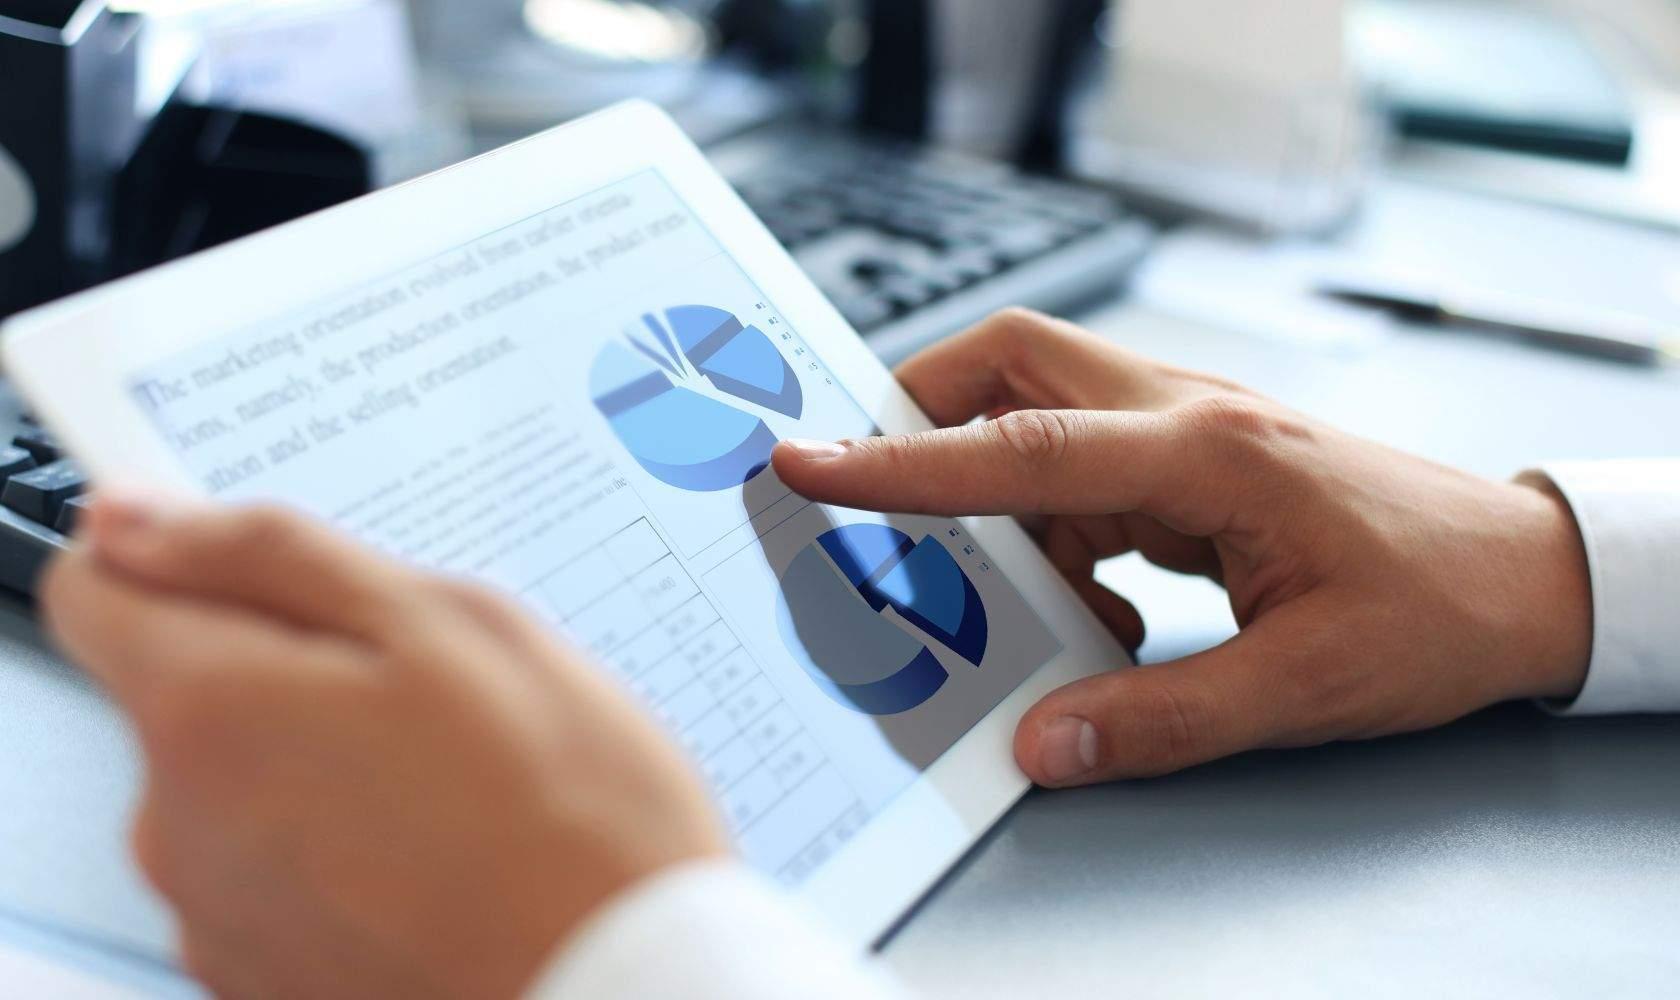 理财指南:家庭理财如何合理分配资产比例?